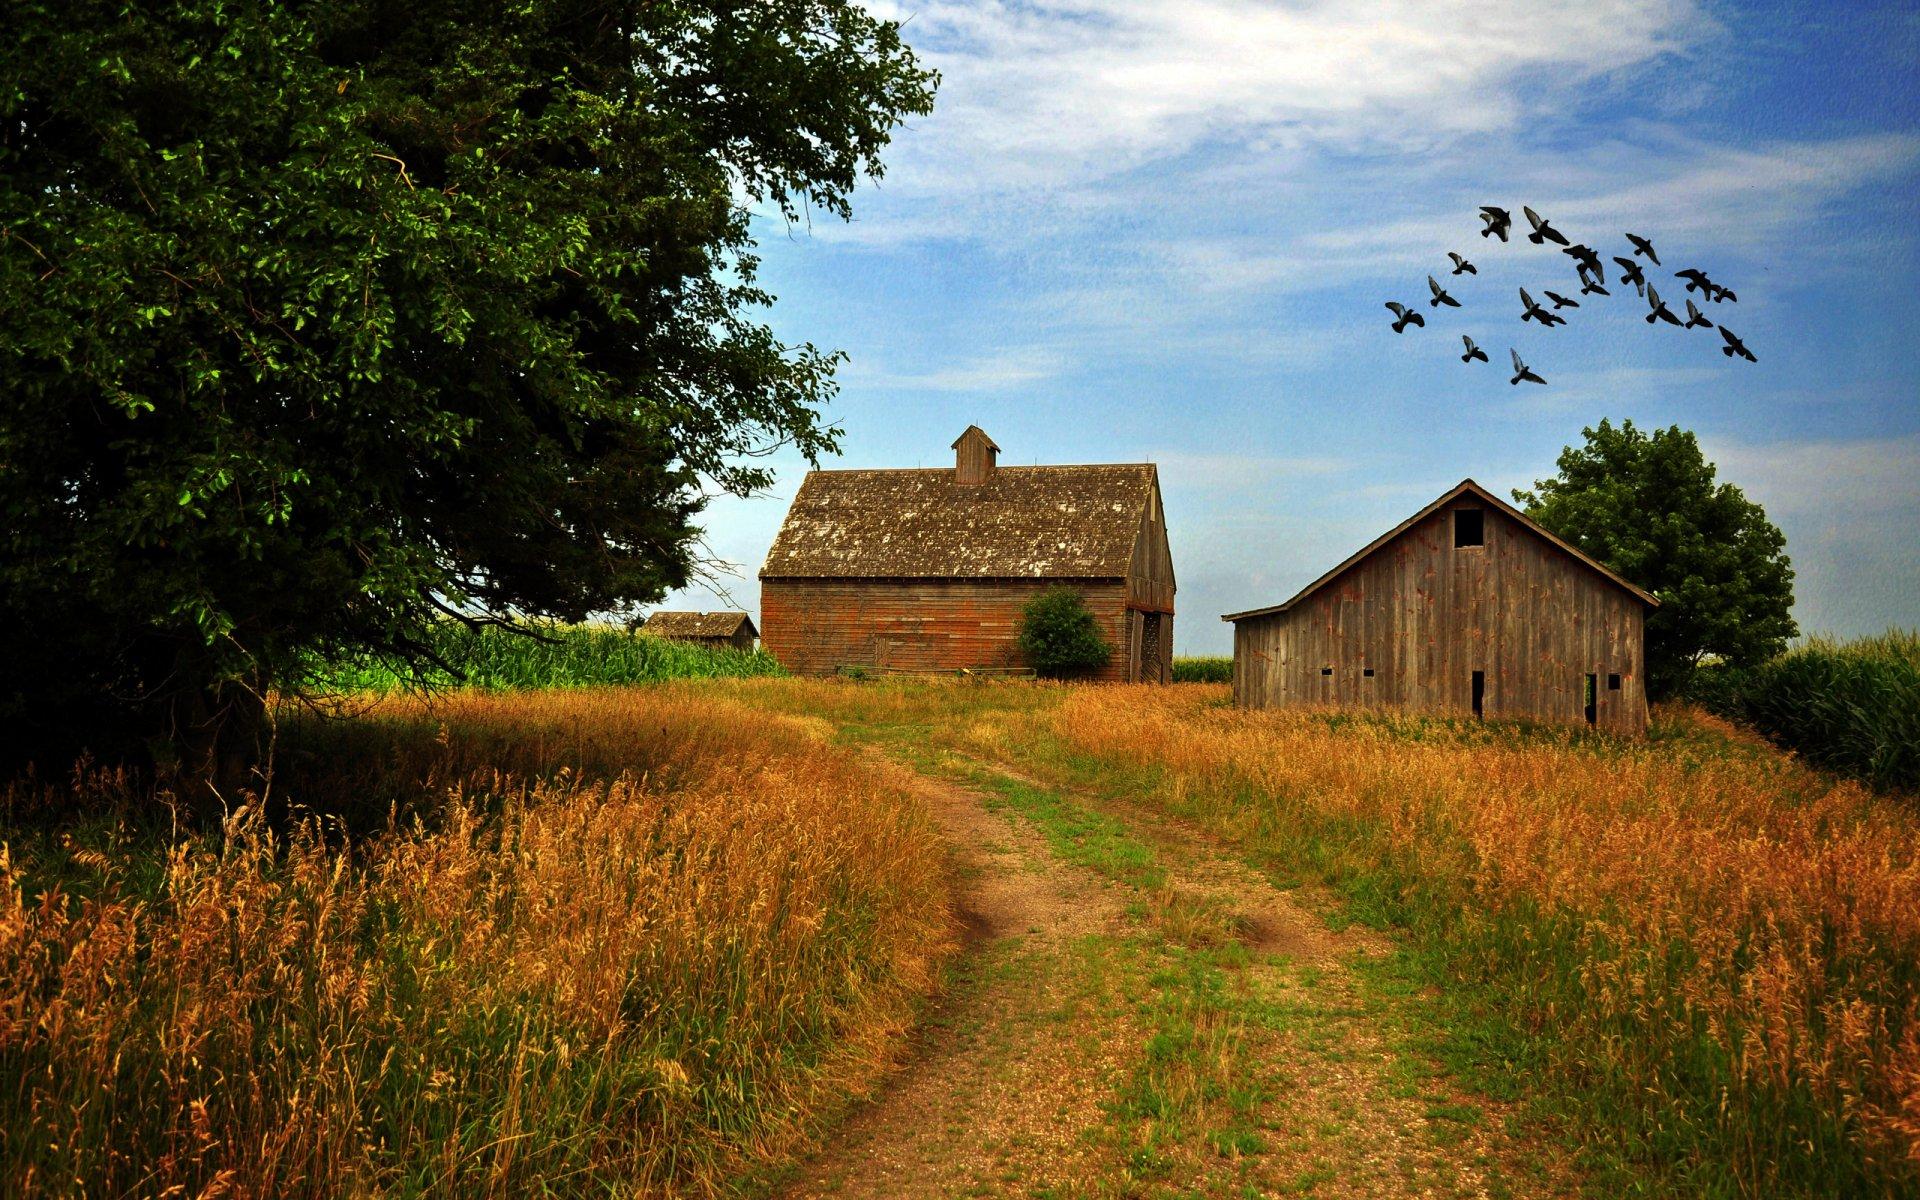 Wallpapers Rustic Farm Scenes 1920 X 1080 251 Kb Jpeg HD Wallpapers 1920x1200